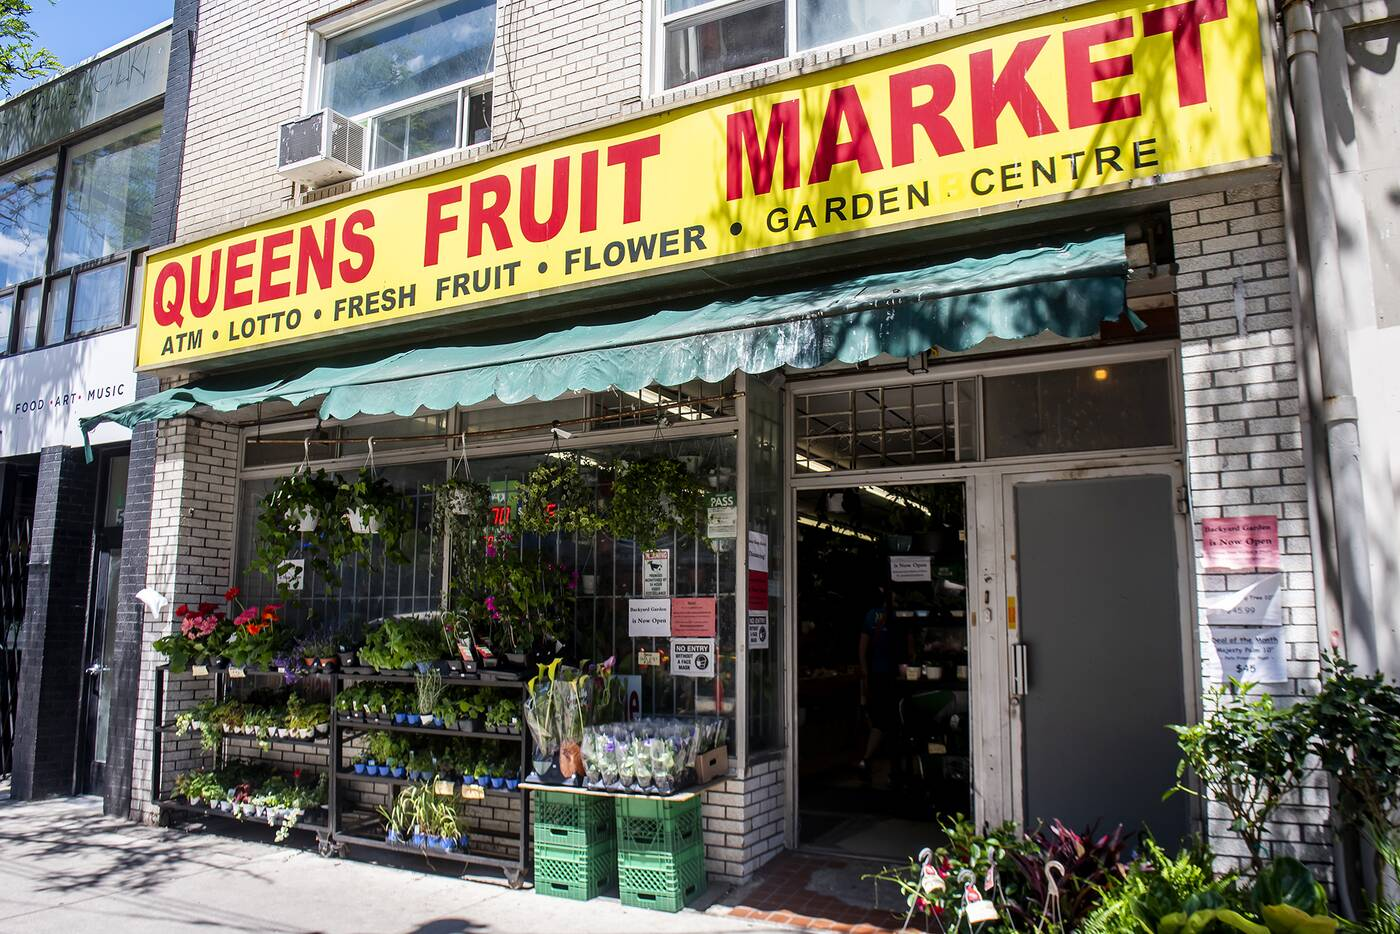 queens fruit market toronto